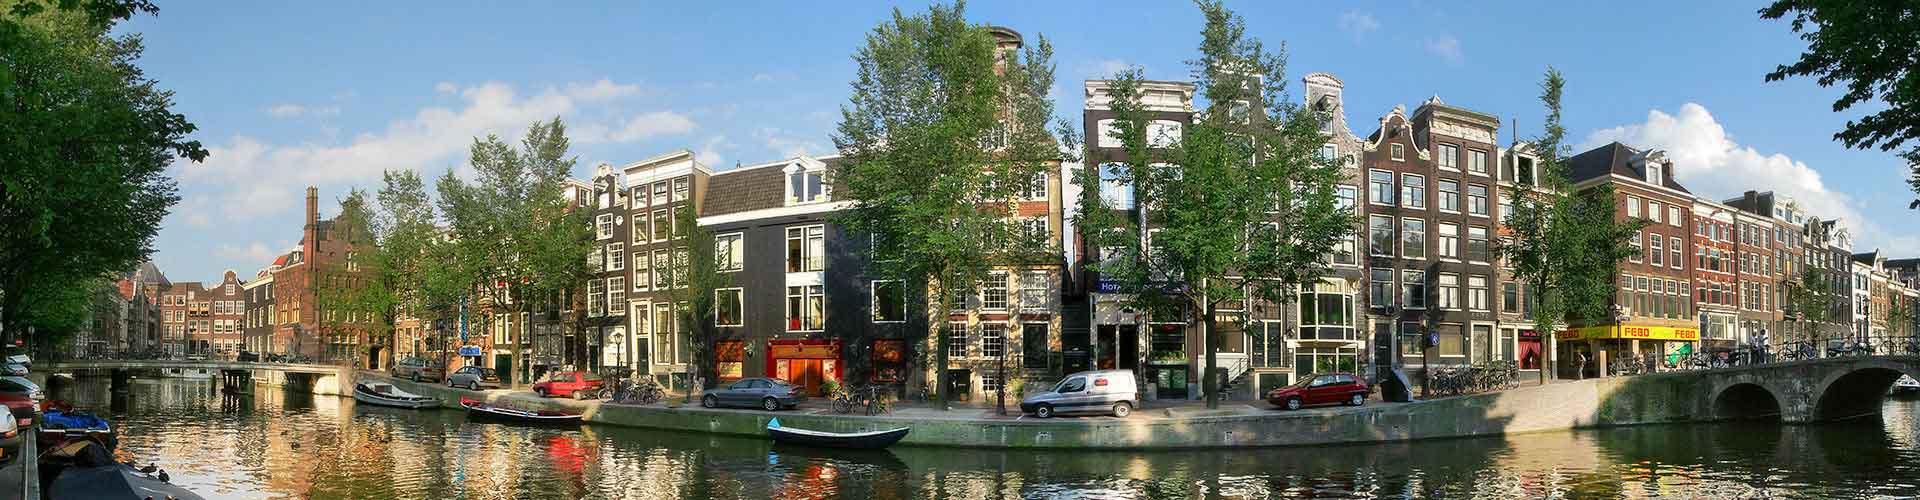 Amsterdam - Apartments nahe Stadtzentrum. Amsterdam auf der Karte. Fotos und Bewertungen für jedes Apartment in Amsterdam.